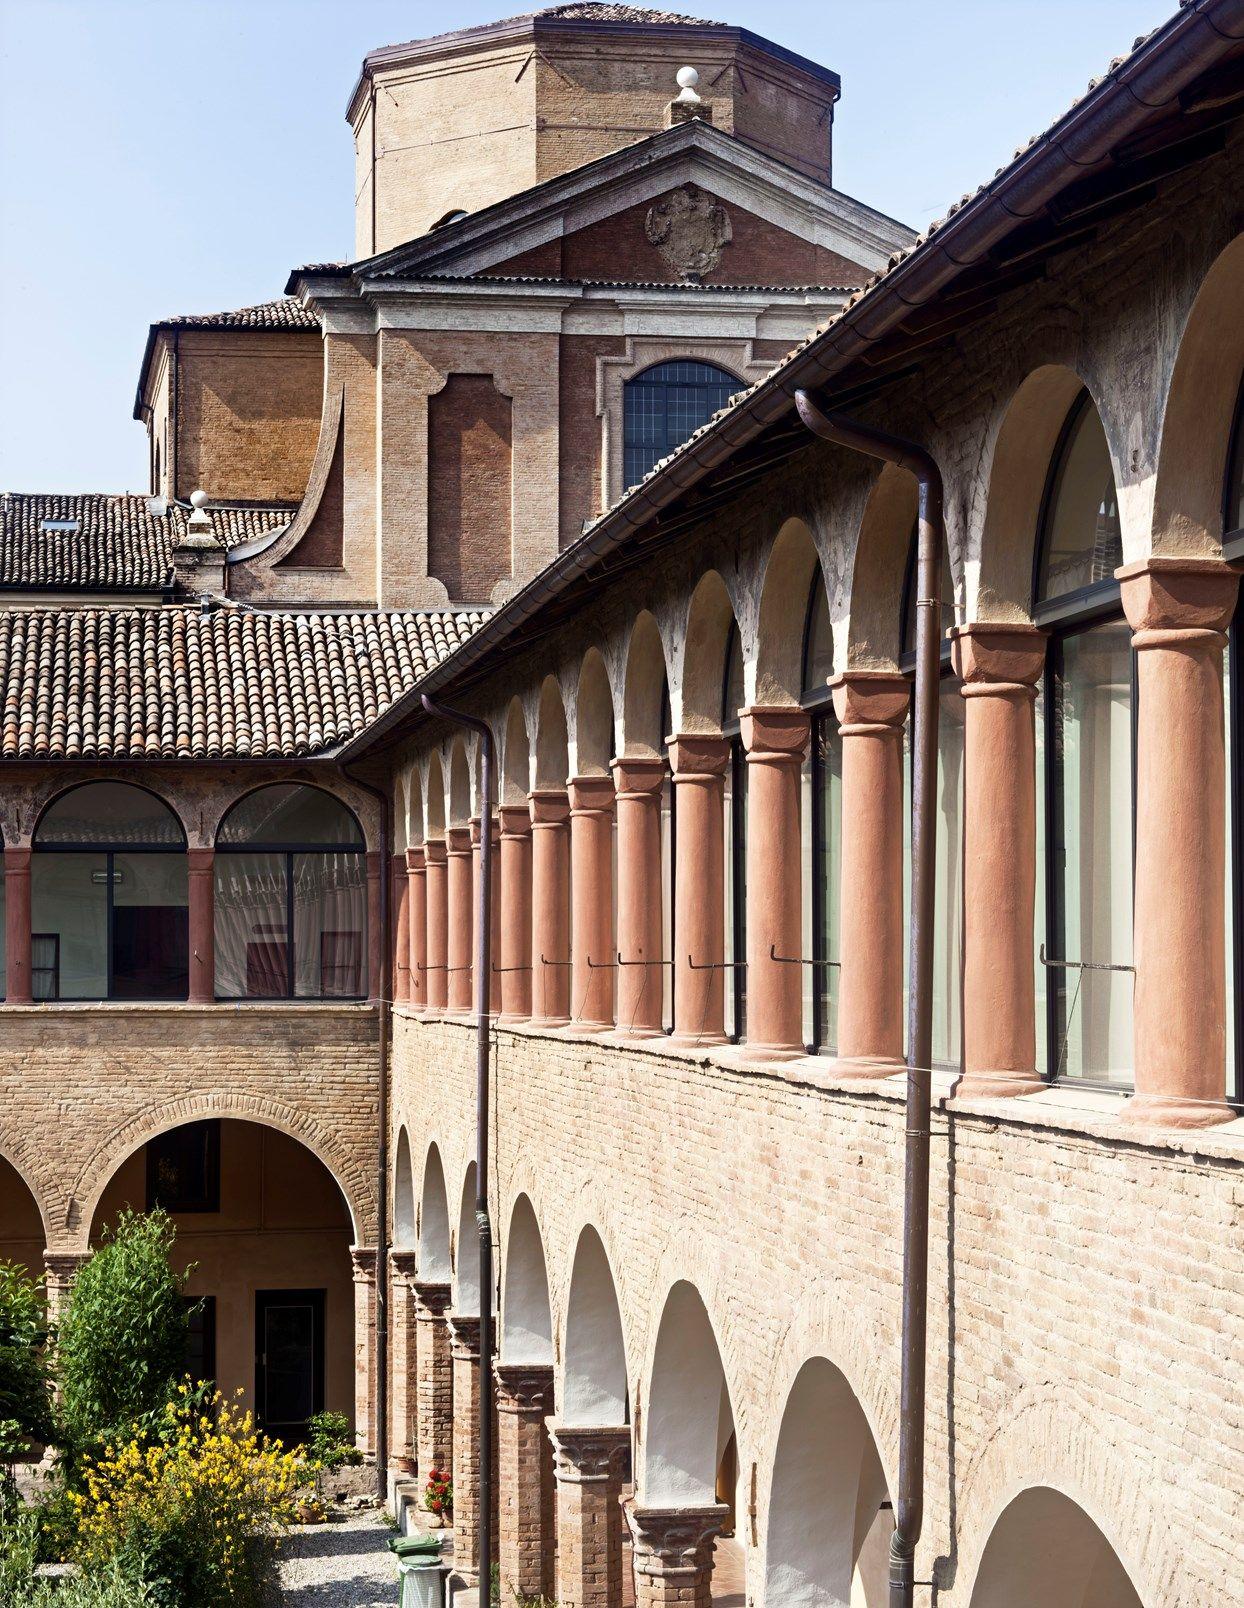 Secco Sistemi: ritorna la luce sul monastero di Santa Chiara – Carpi